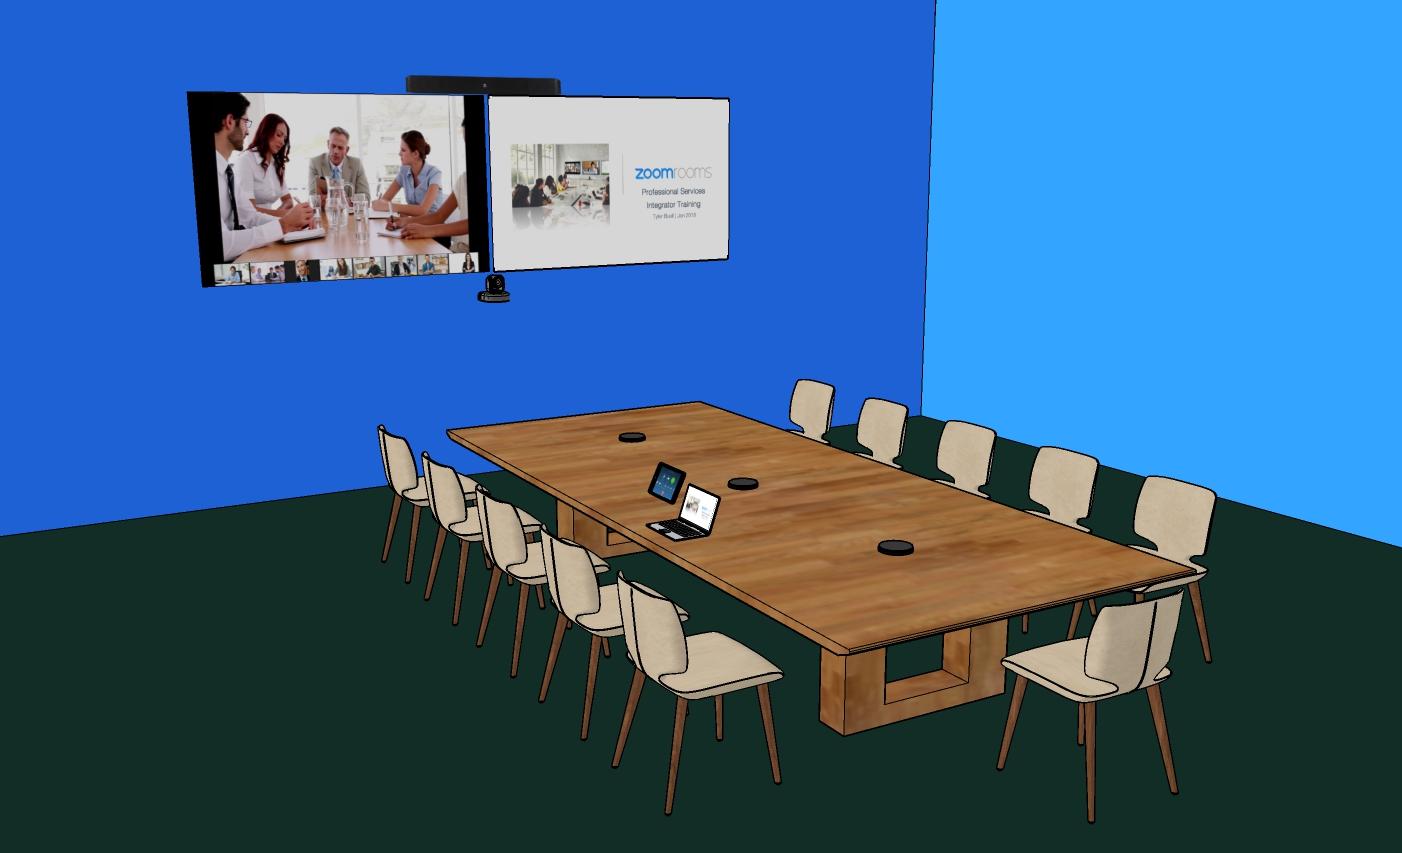 Zoom Rooms ProAV (7-13 People)2.jpg